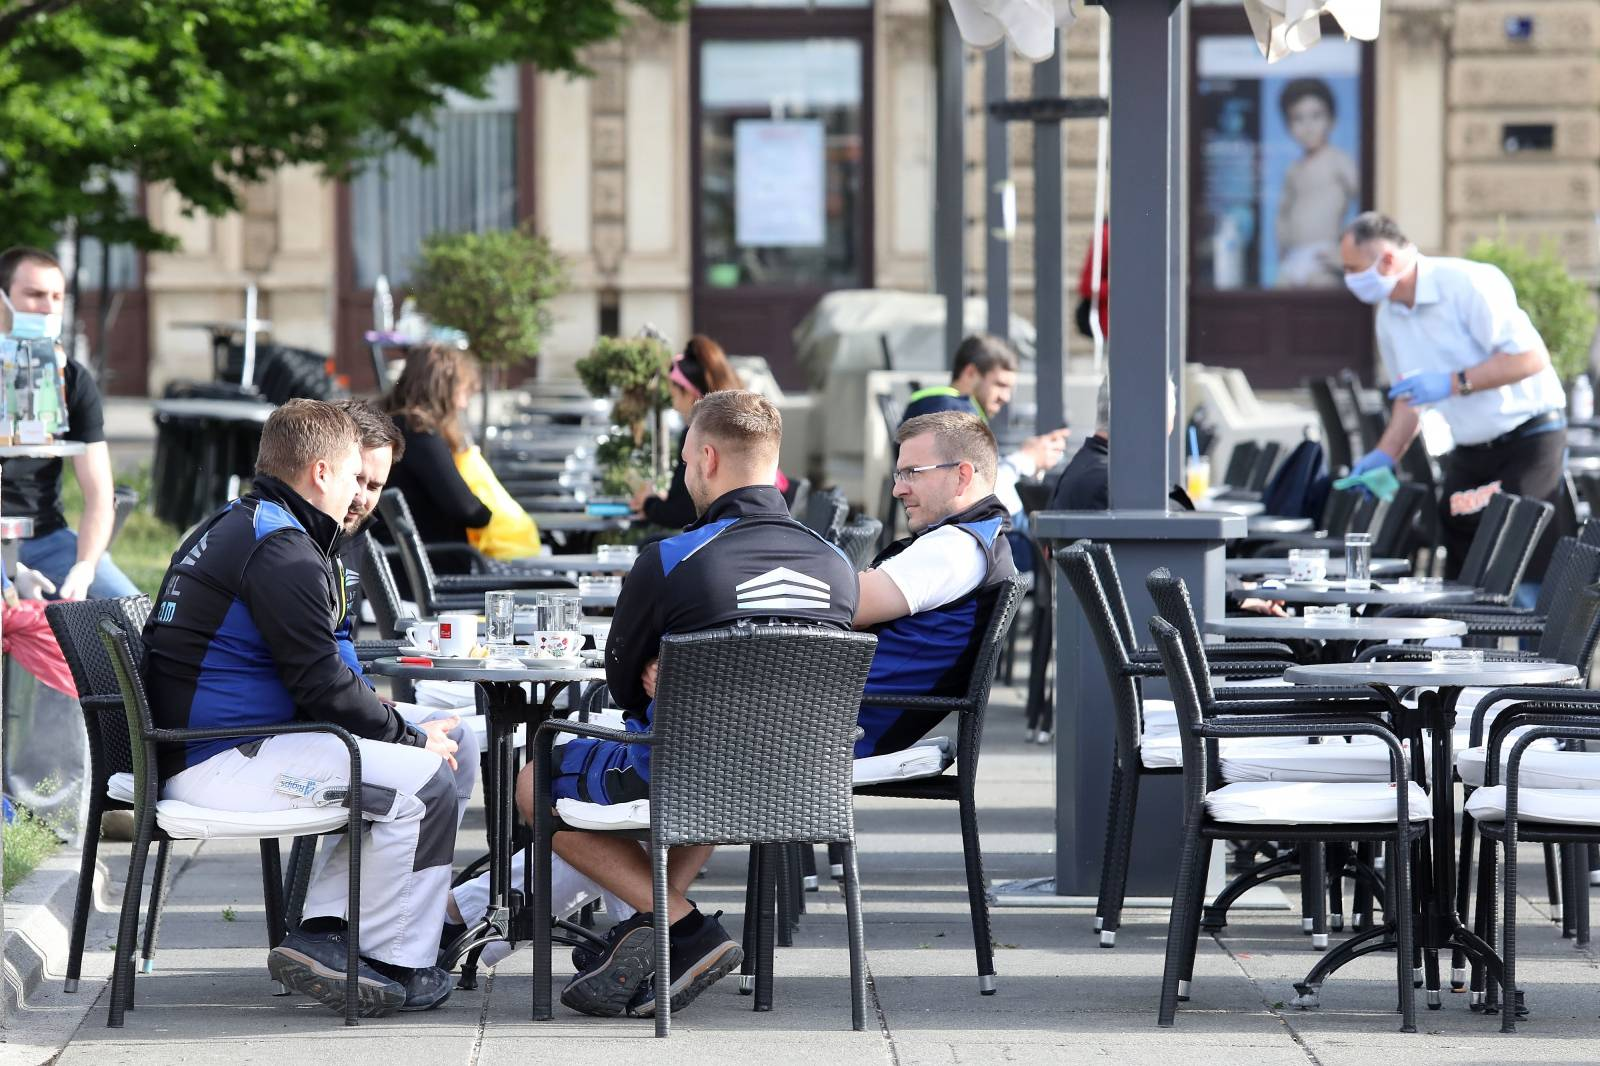 Zagreb: Kafićima i restoranima od danas dozvoljen rad